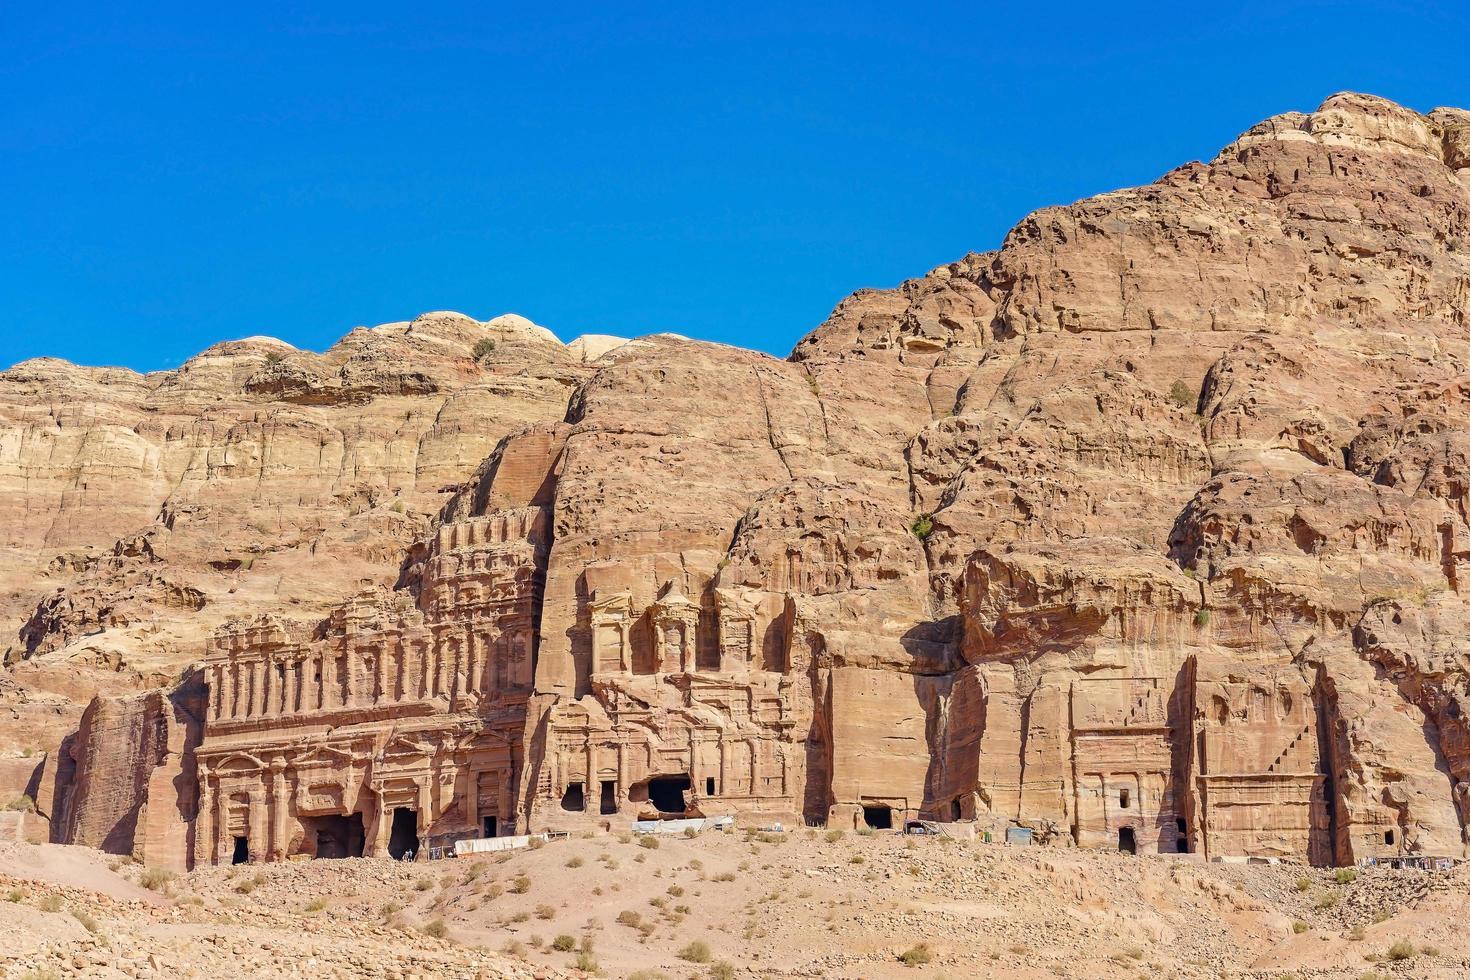 ein Blick von den königlichen Gräbern in Petra, Jordanien. foto